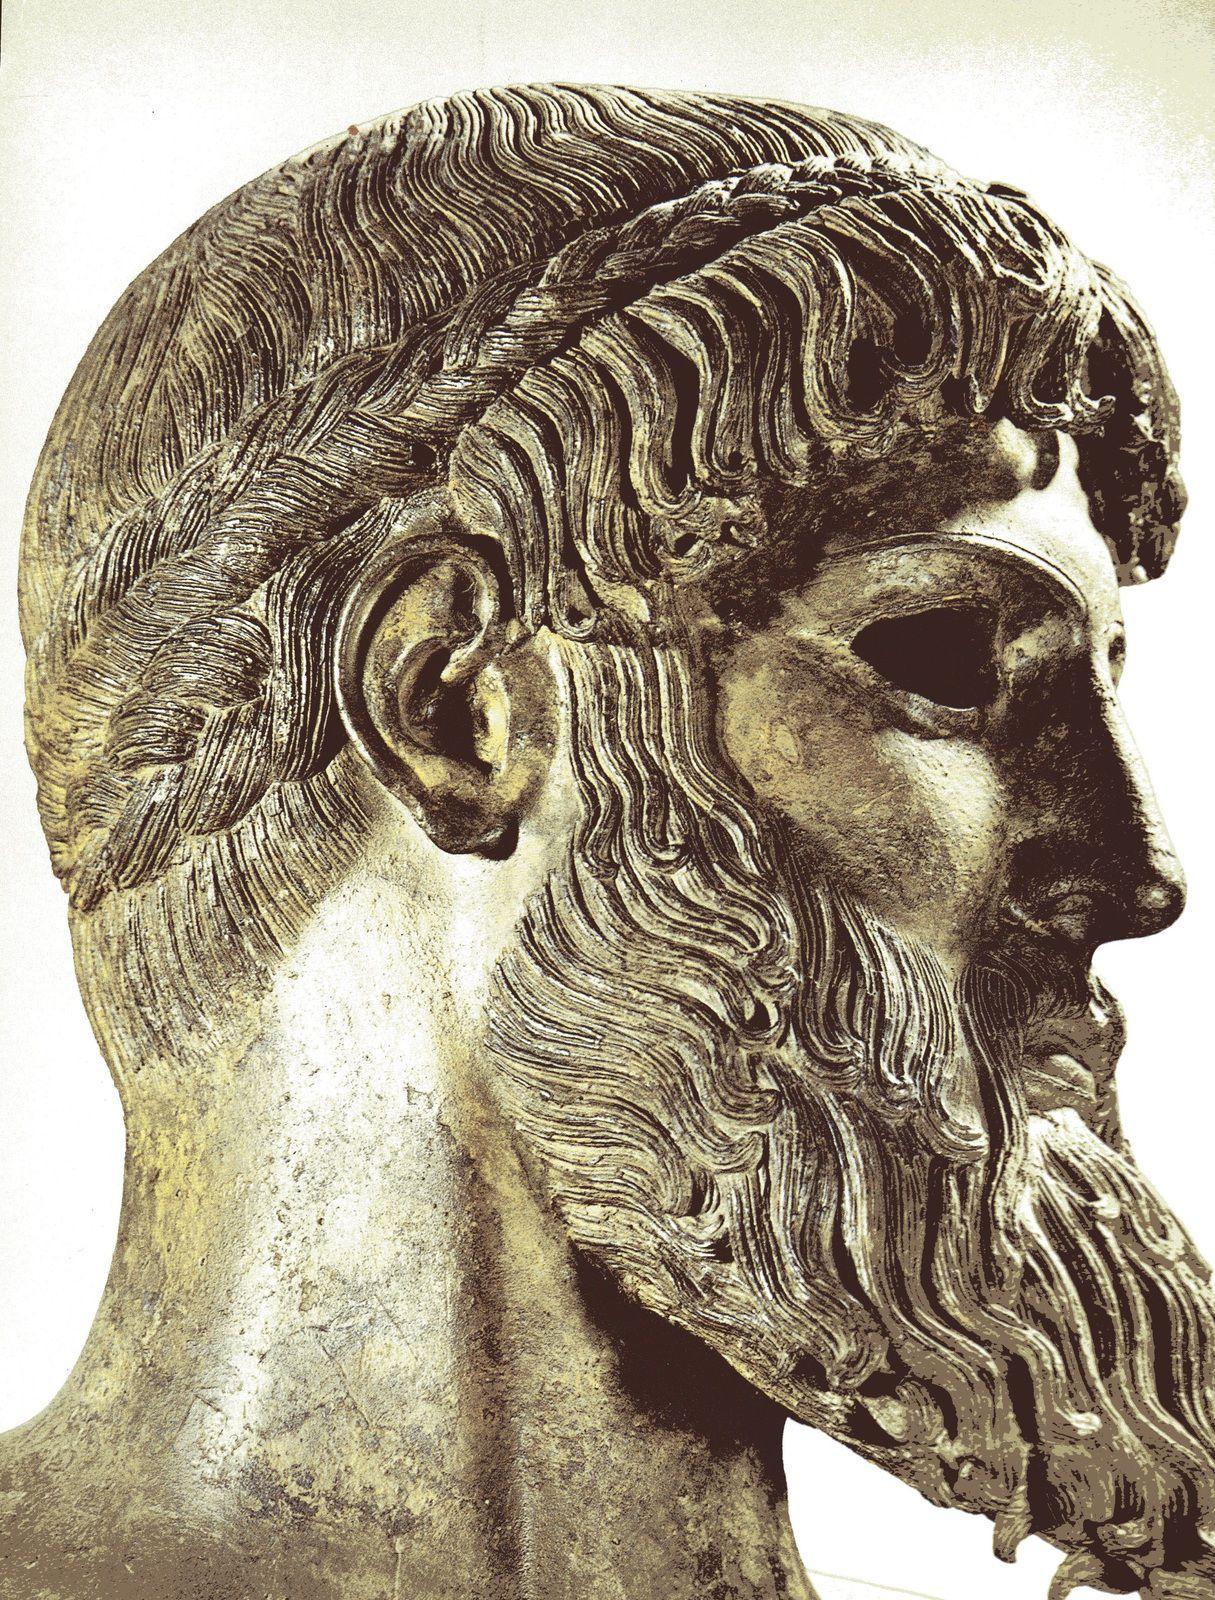 Tête de Zeus, Artémision, C. 460. Bronze. Musée National, Athènes.